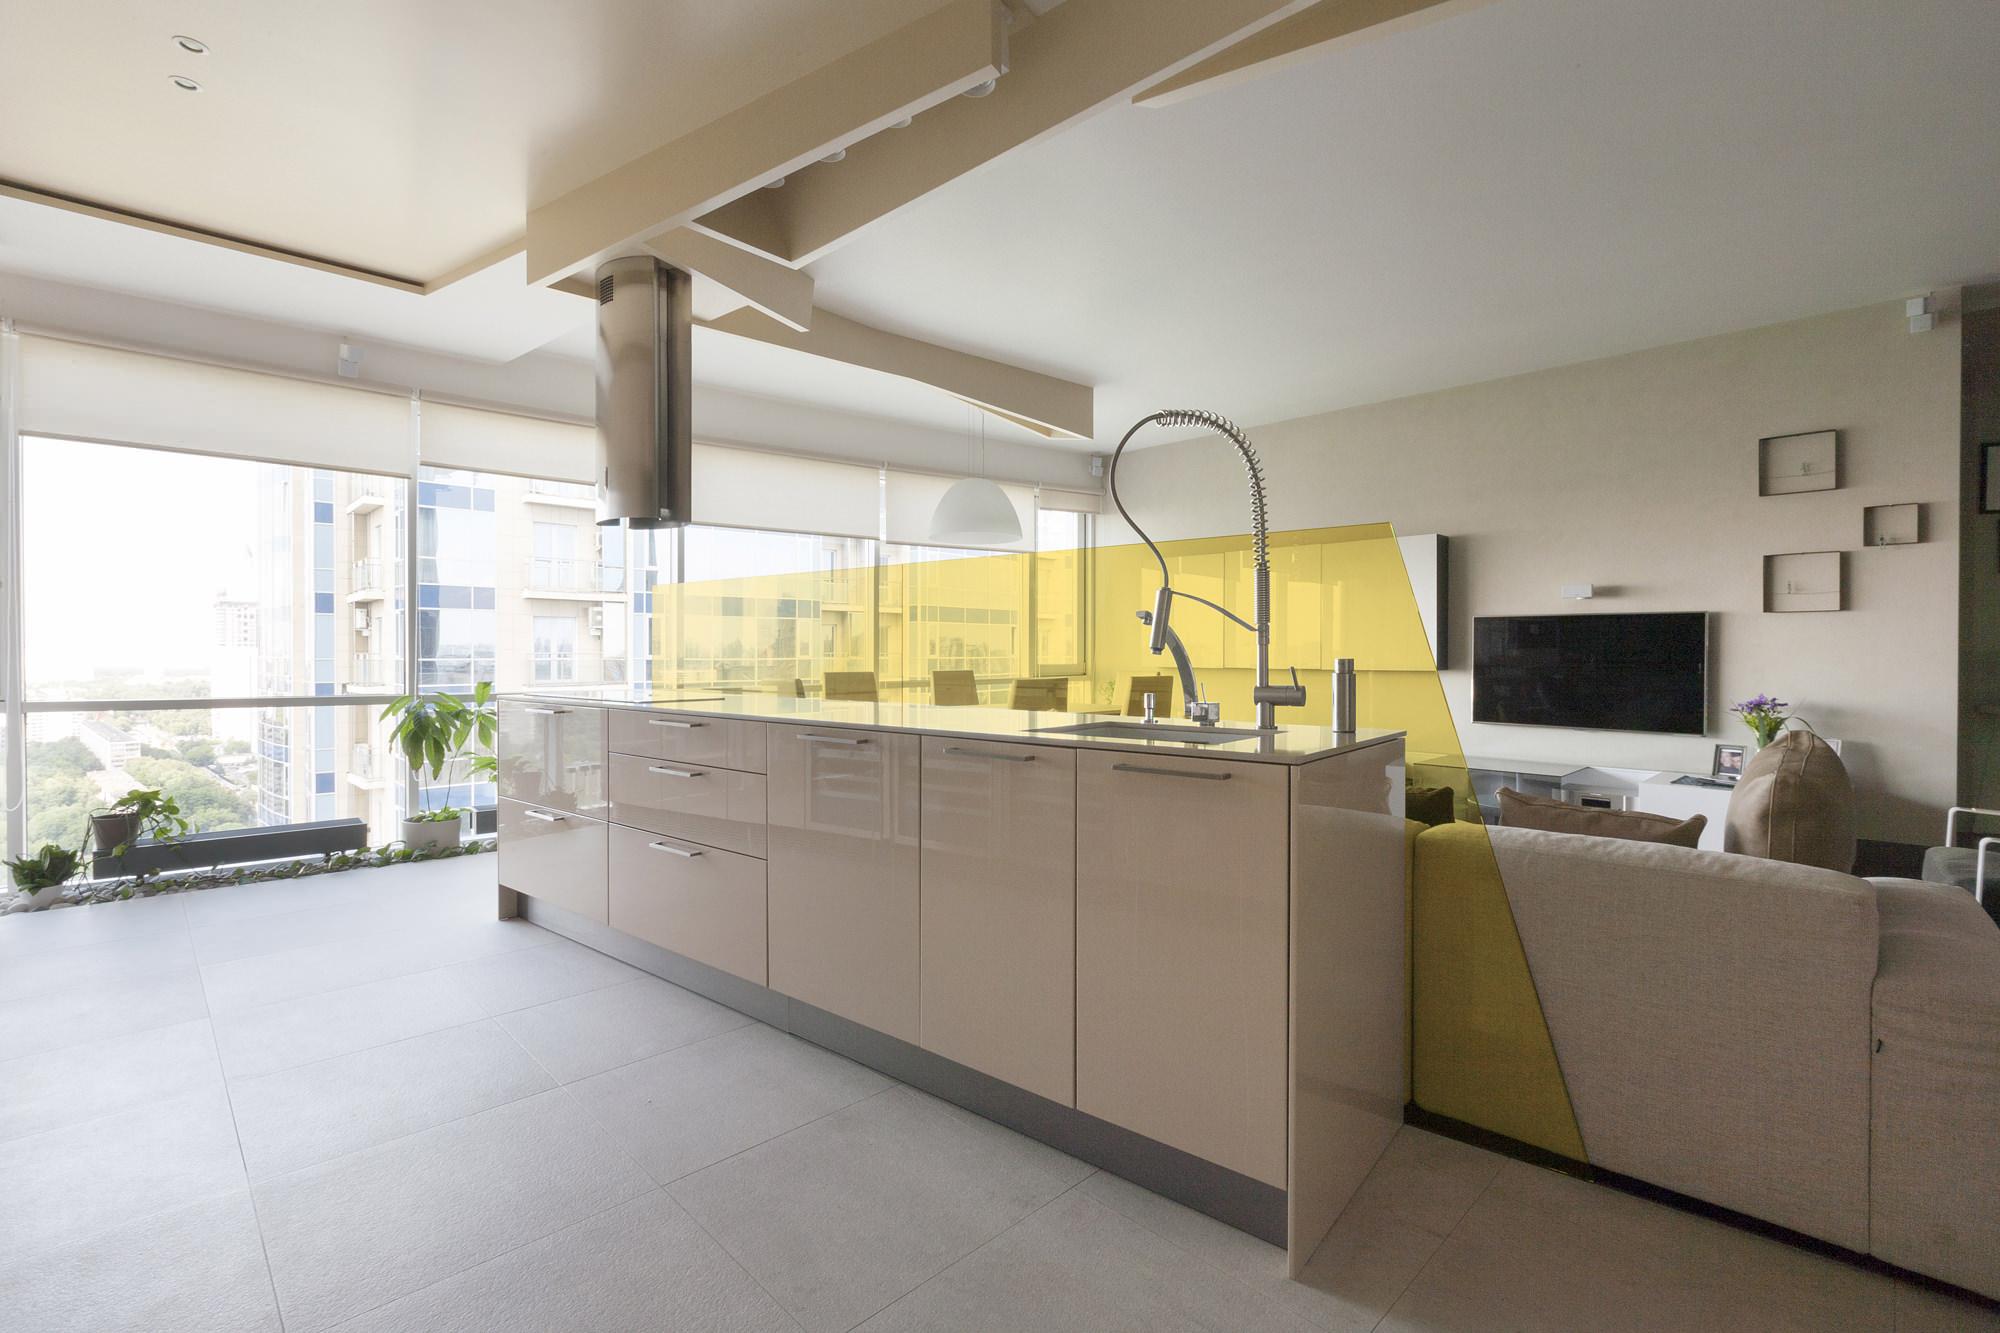 za bor Nezhinskaya Apartment kitchen space